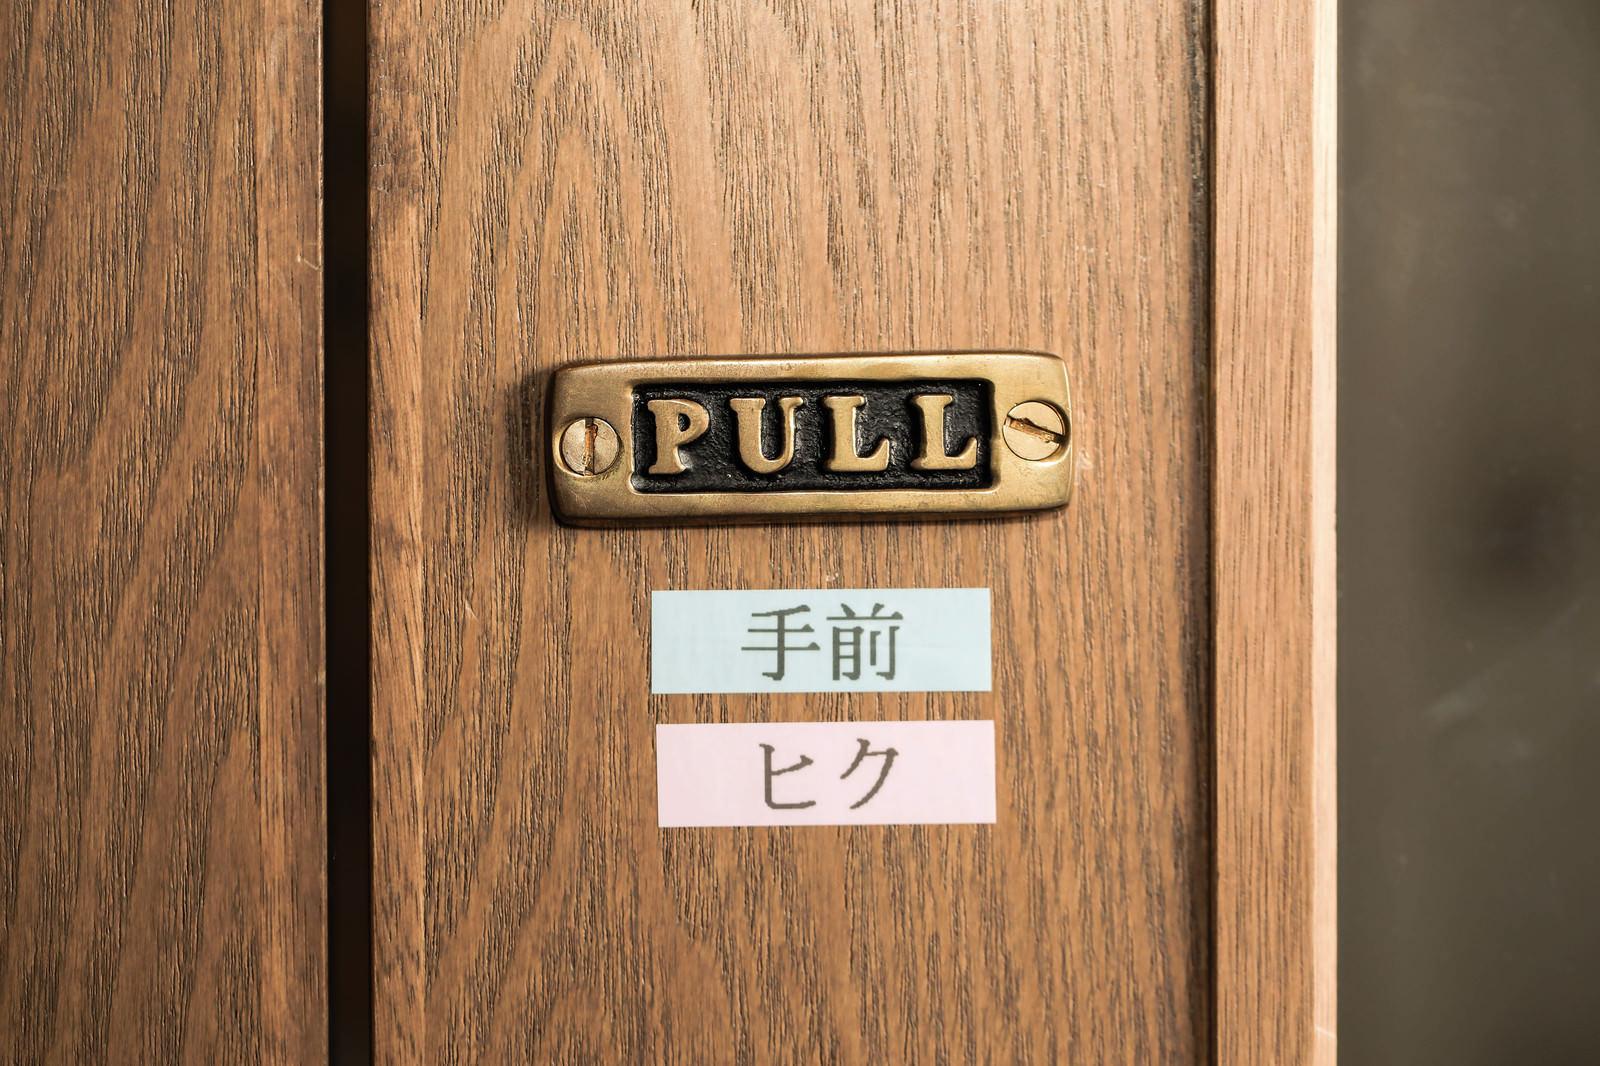 「テプラが貼られたドア(手前ヒク)」の写真